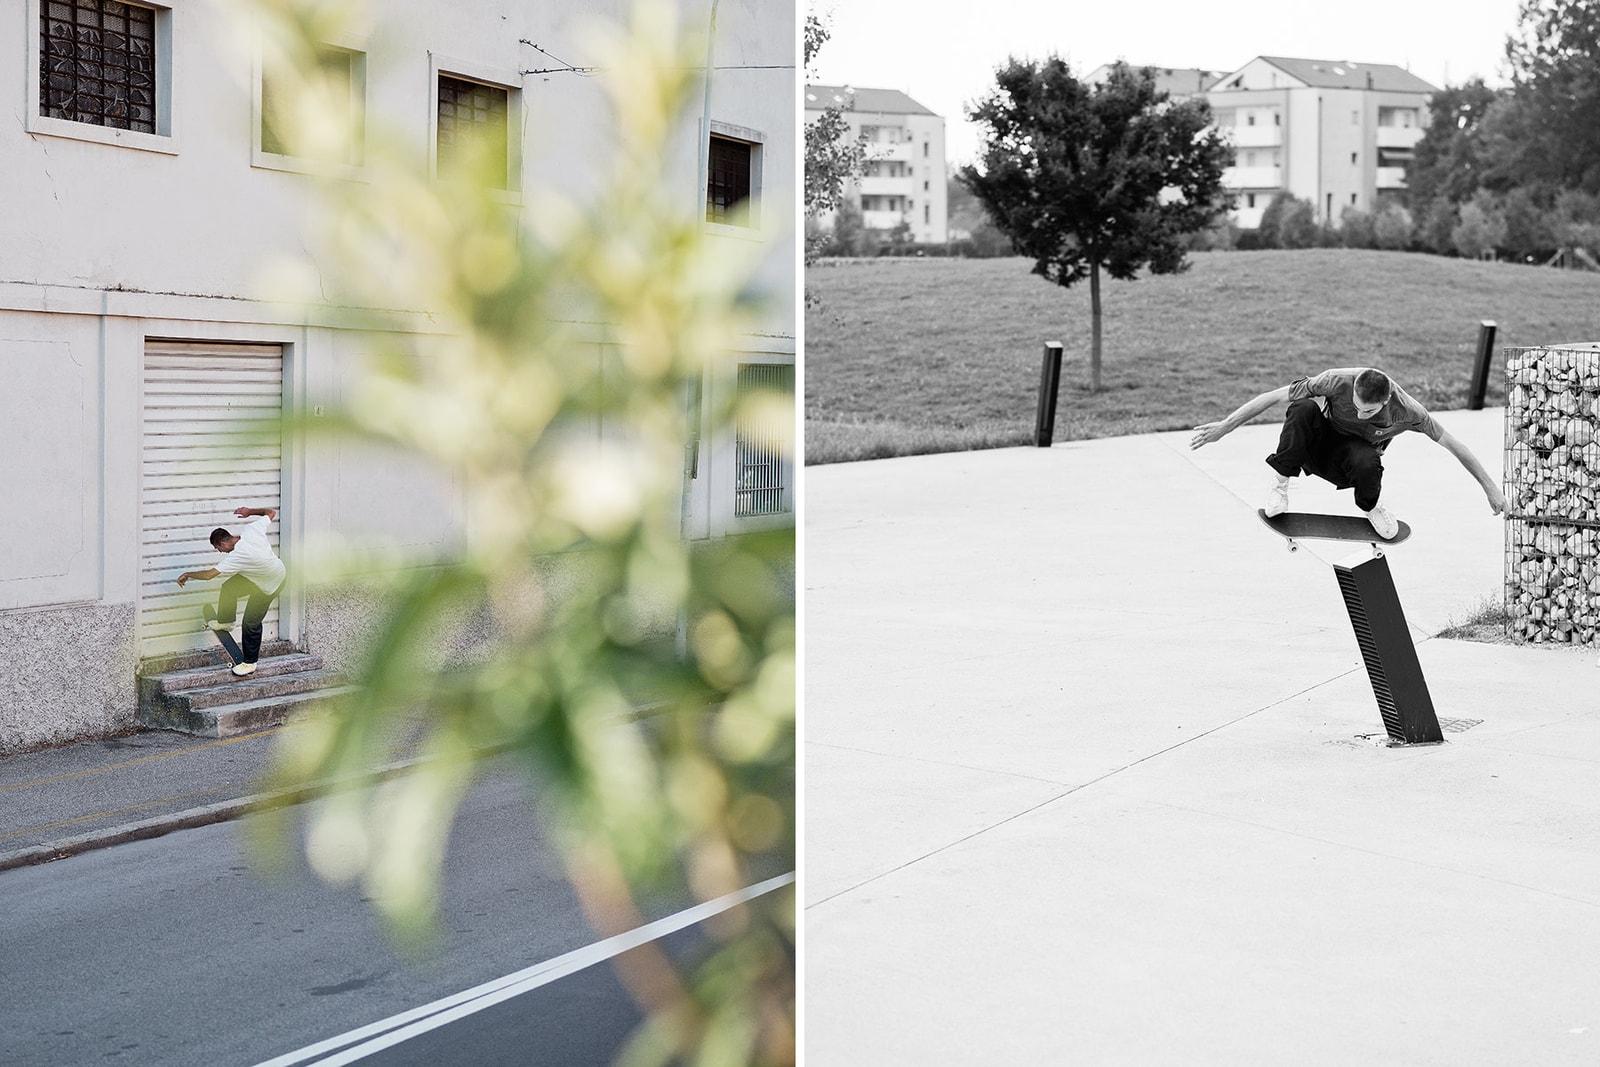 칼하트 <WIP> 매거진 창간 & <Sotto Torchio> 협업 carhartt wip magazine launch issue 1 motto torch collaboration grey skate mag a brief glance mag